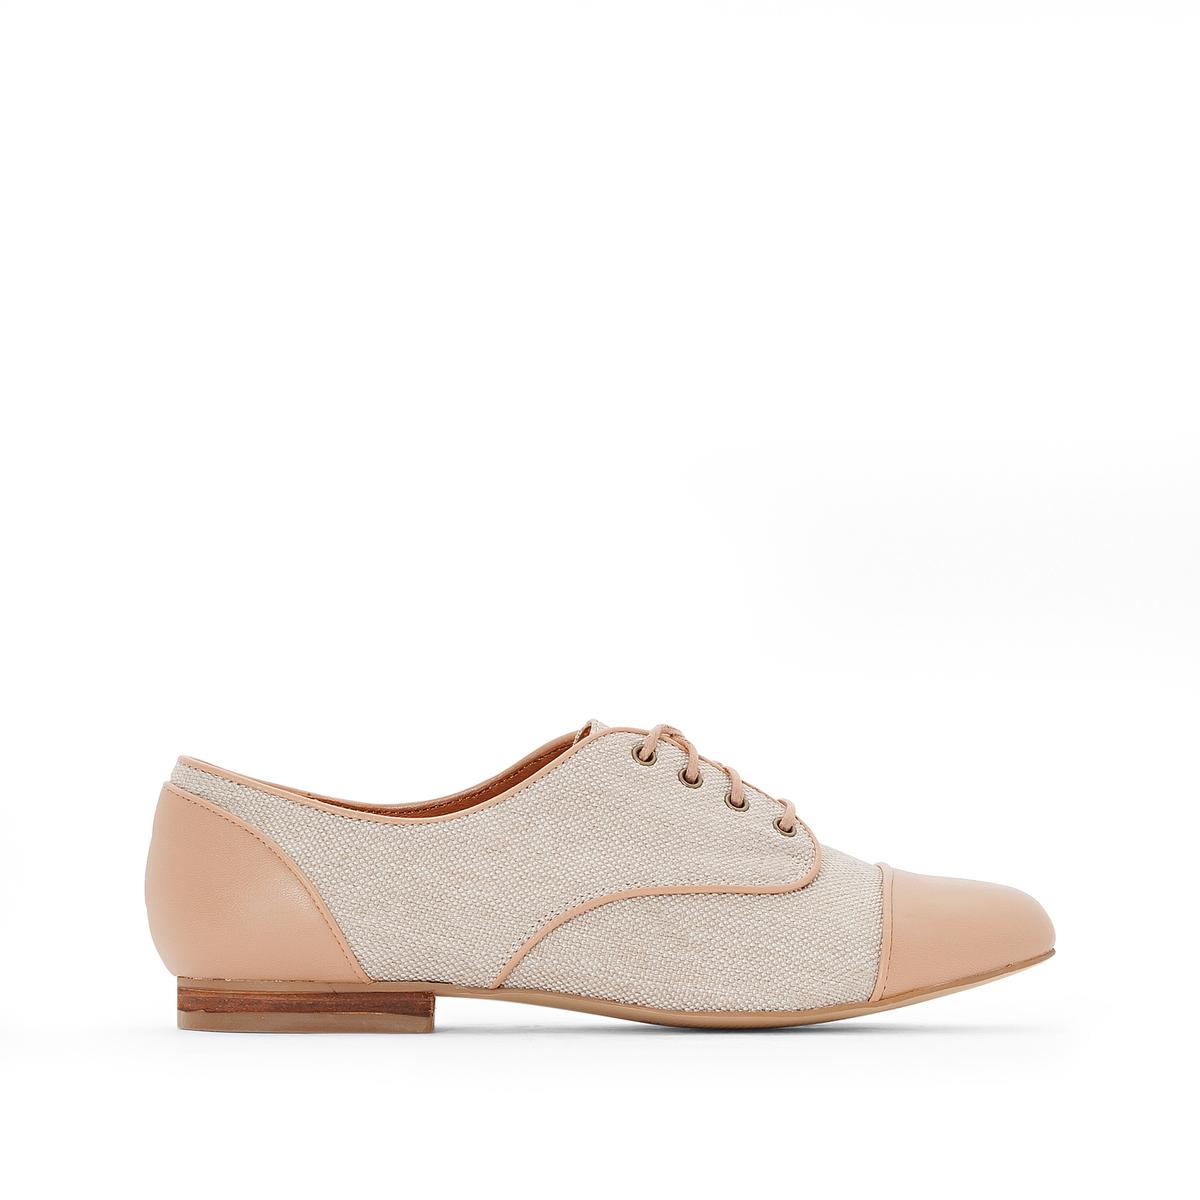 Ботинки-дерби синтетические ботинки дерби под кожу питона